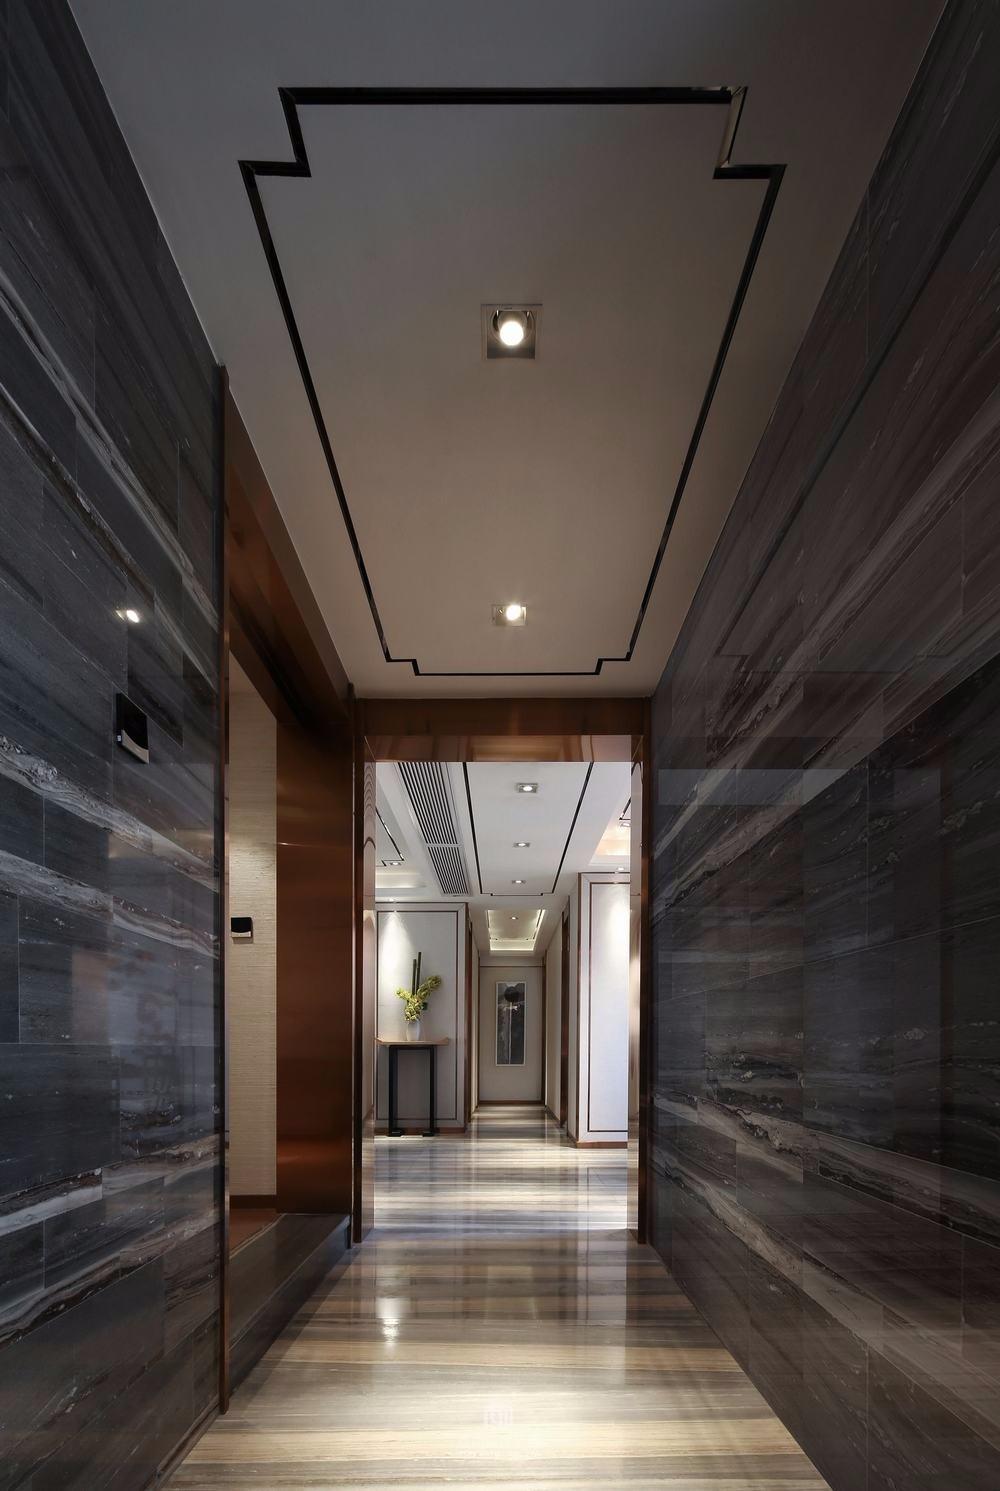 2019新中式玄关图片 2019新中式门厅装修效果图大全